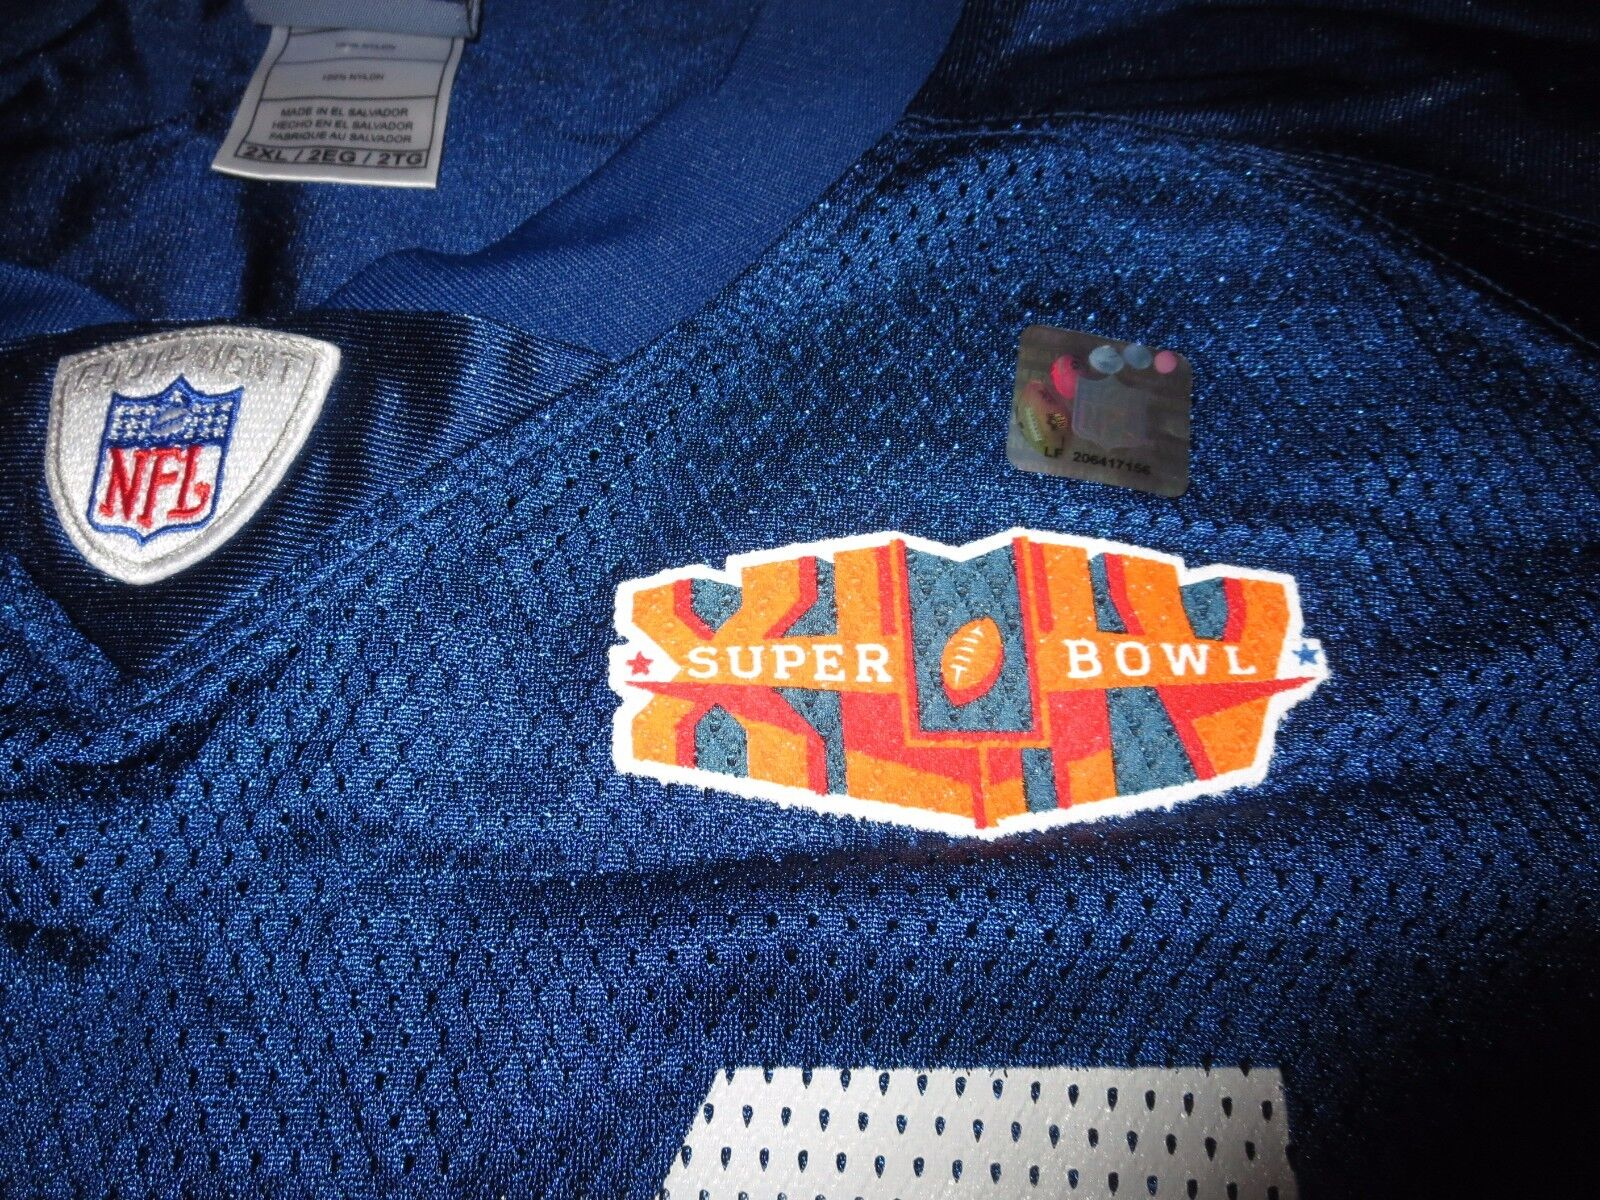 Dallas Clark  44 Indianapolis Colts Super Super Super Bowl NFL Reebok Trikot 2XL 2x Neu  | Starke Hitze- und Abnutzungsbeständigkeit  146cff